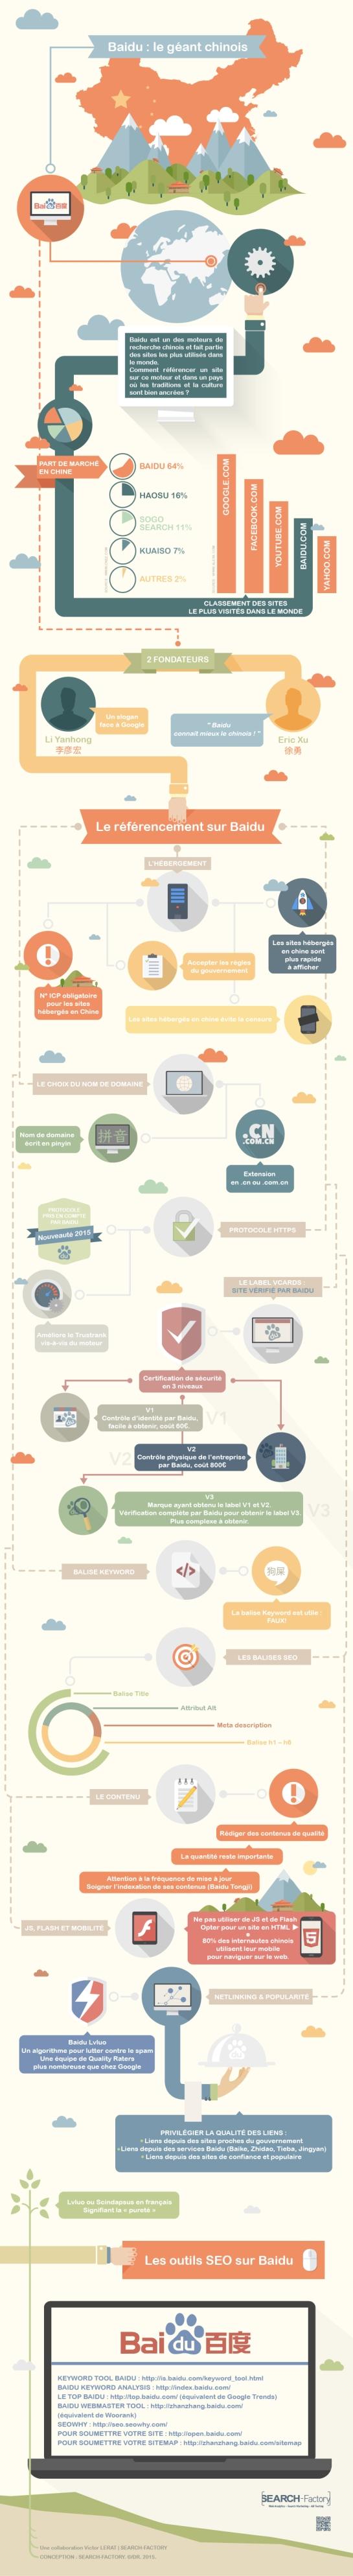 Optimiser le SEO pour un site en chinois sur Baidu - SEO chinois - AUTOVEILLE